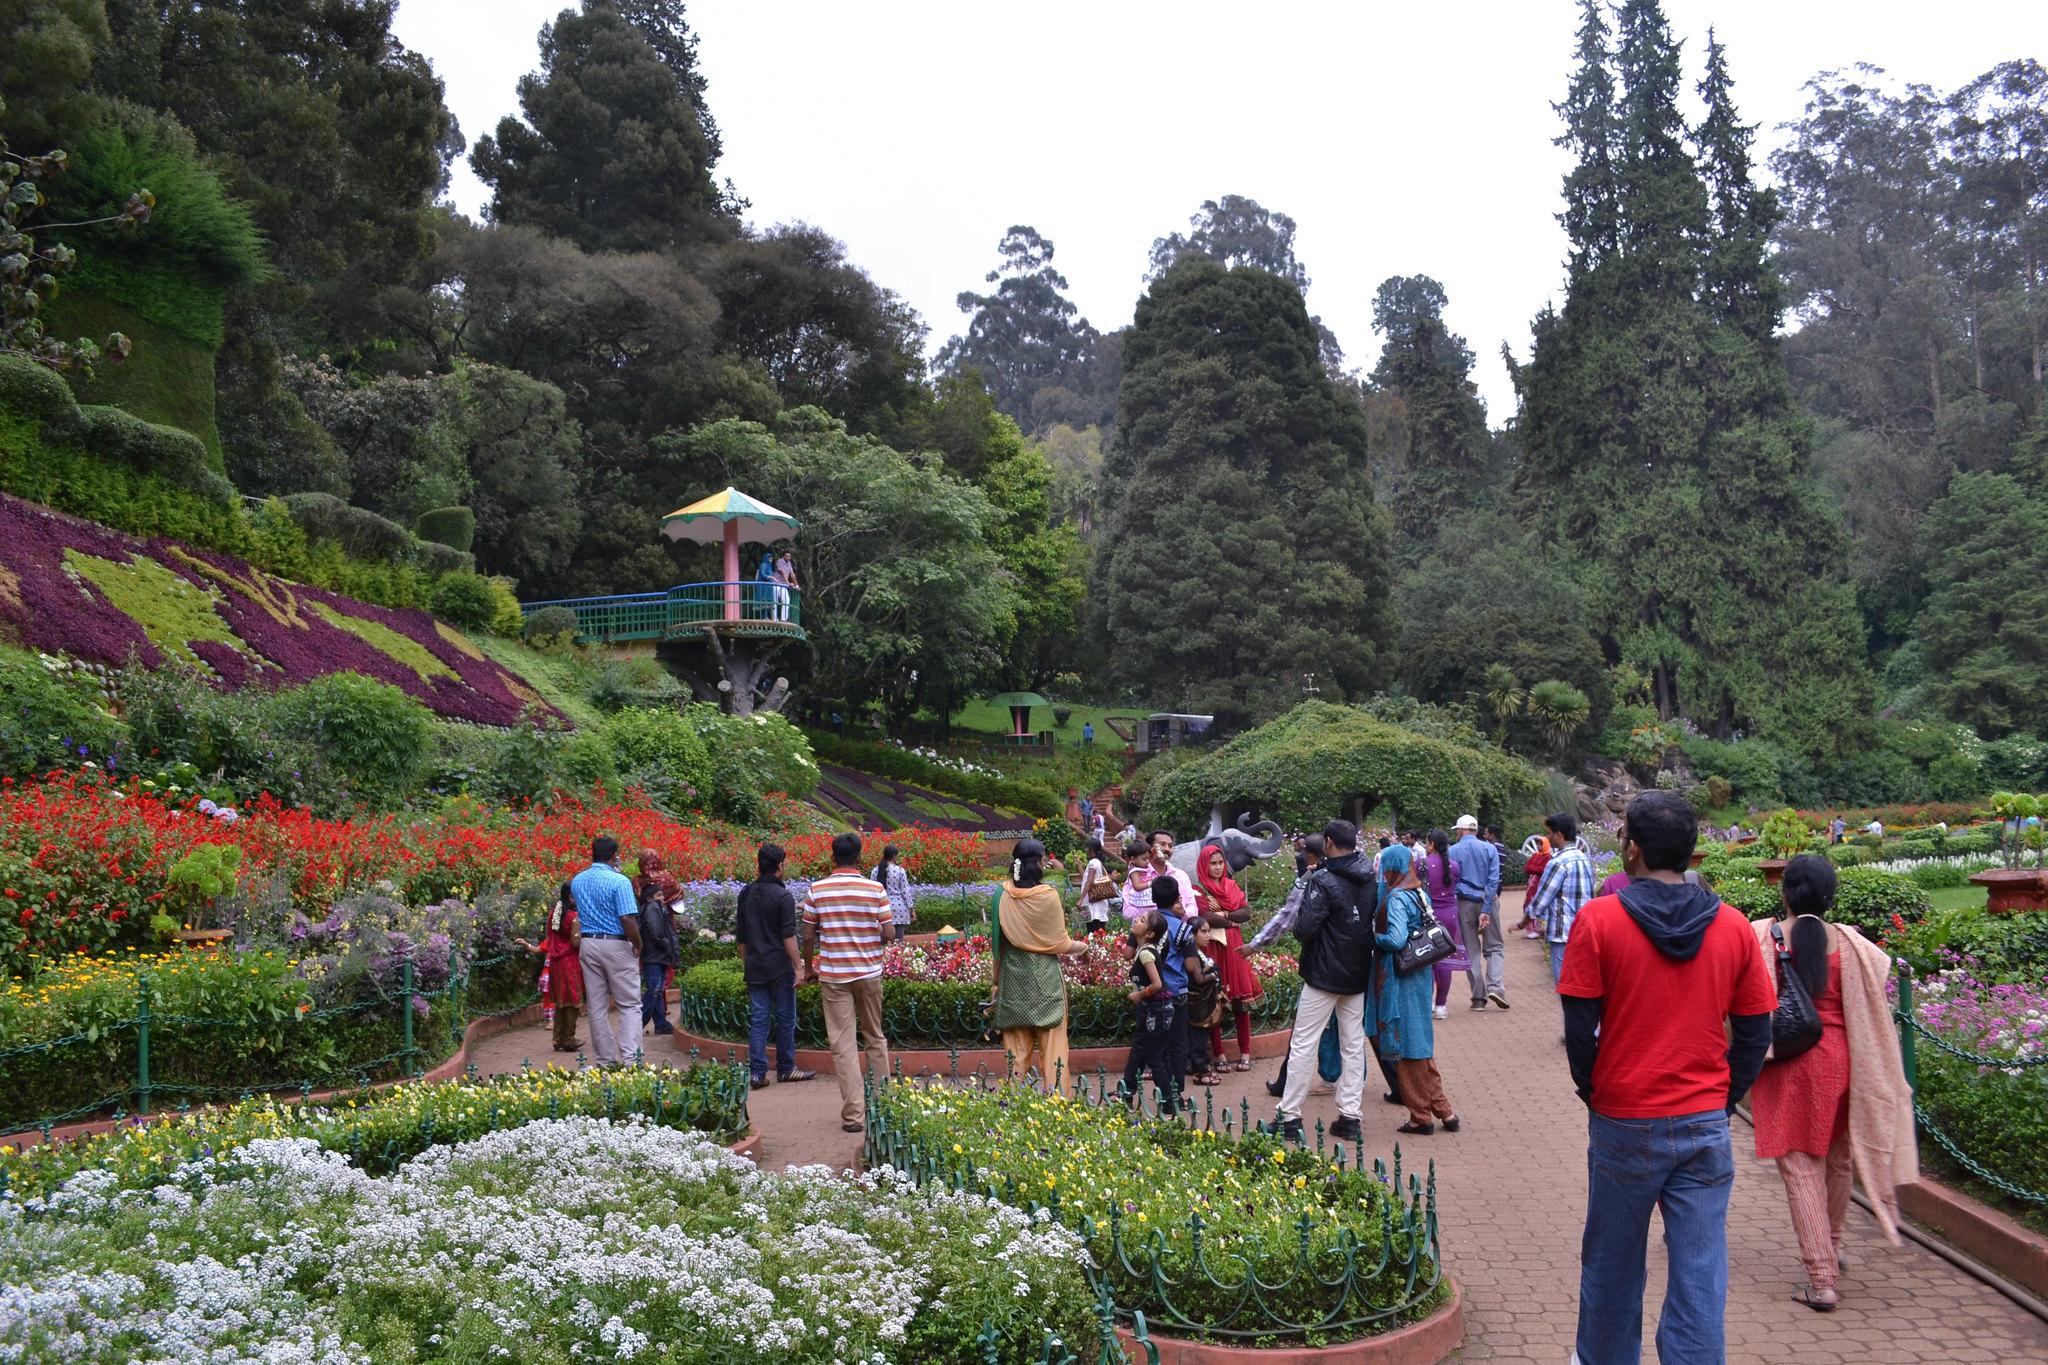 Ooty Botanical Garden - Enchanting Garden of Ooty